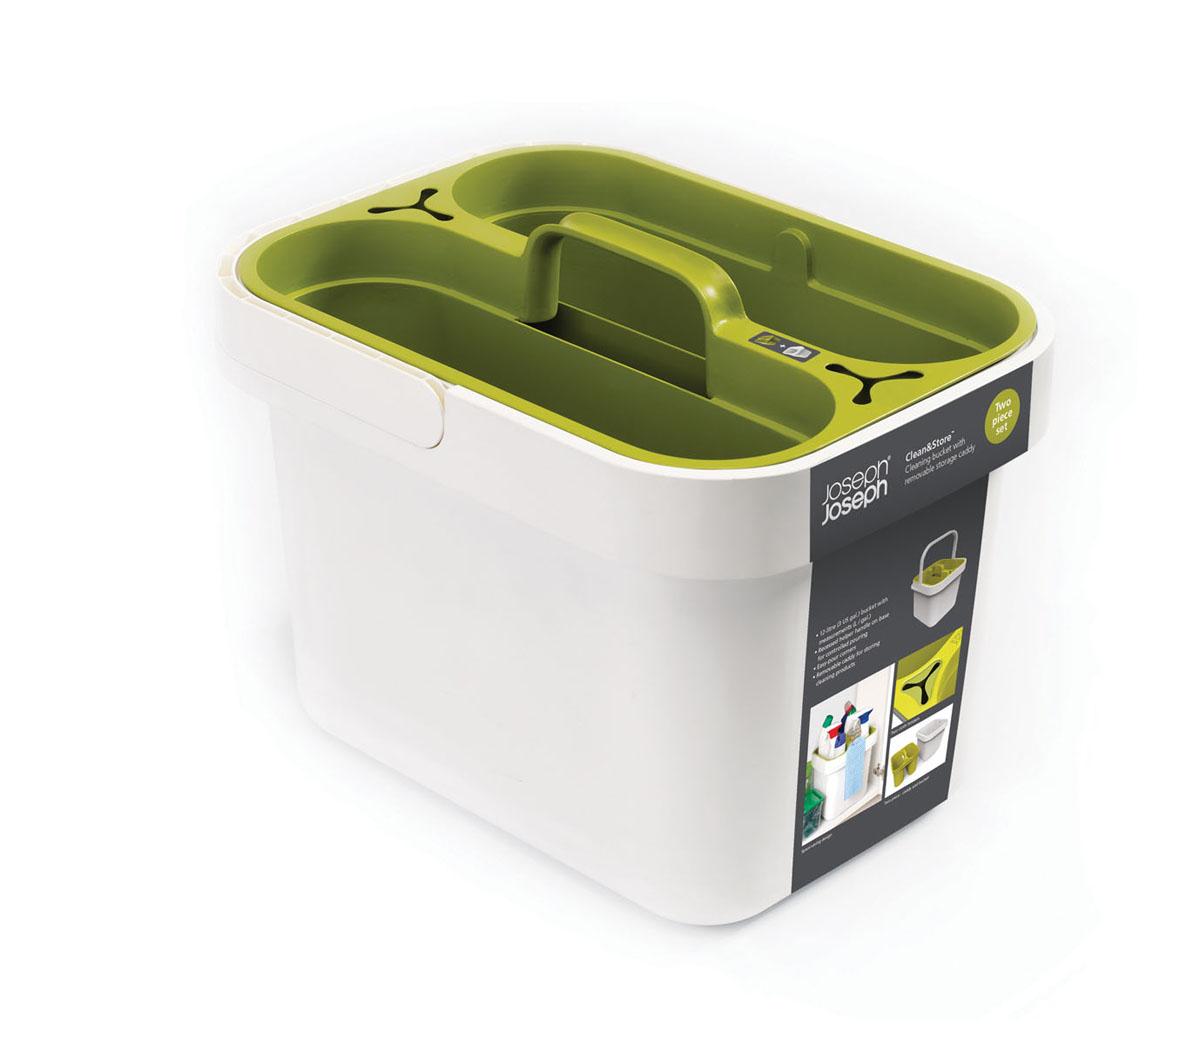 Контейнер хозяйственный Clean&Store, цвет: белый, зеленый. 8502985029Хозяйственный контейнер Clean&Store выполненный из пластика, предназначен для надежного хранения. Контейнер оснащен съемным бокcом, для удобного мытья и ручкой для переноса с одного места в другое. Можно мыть в посудомоечной машине.